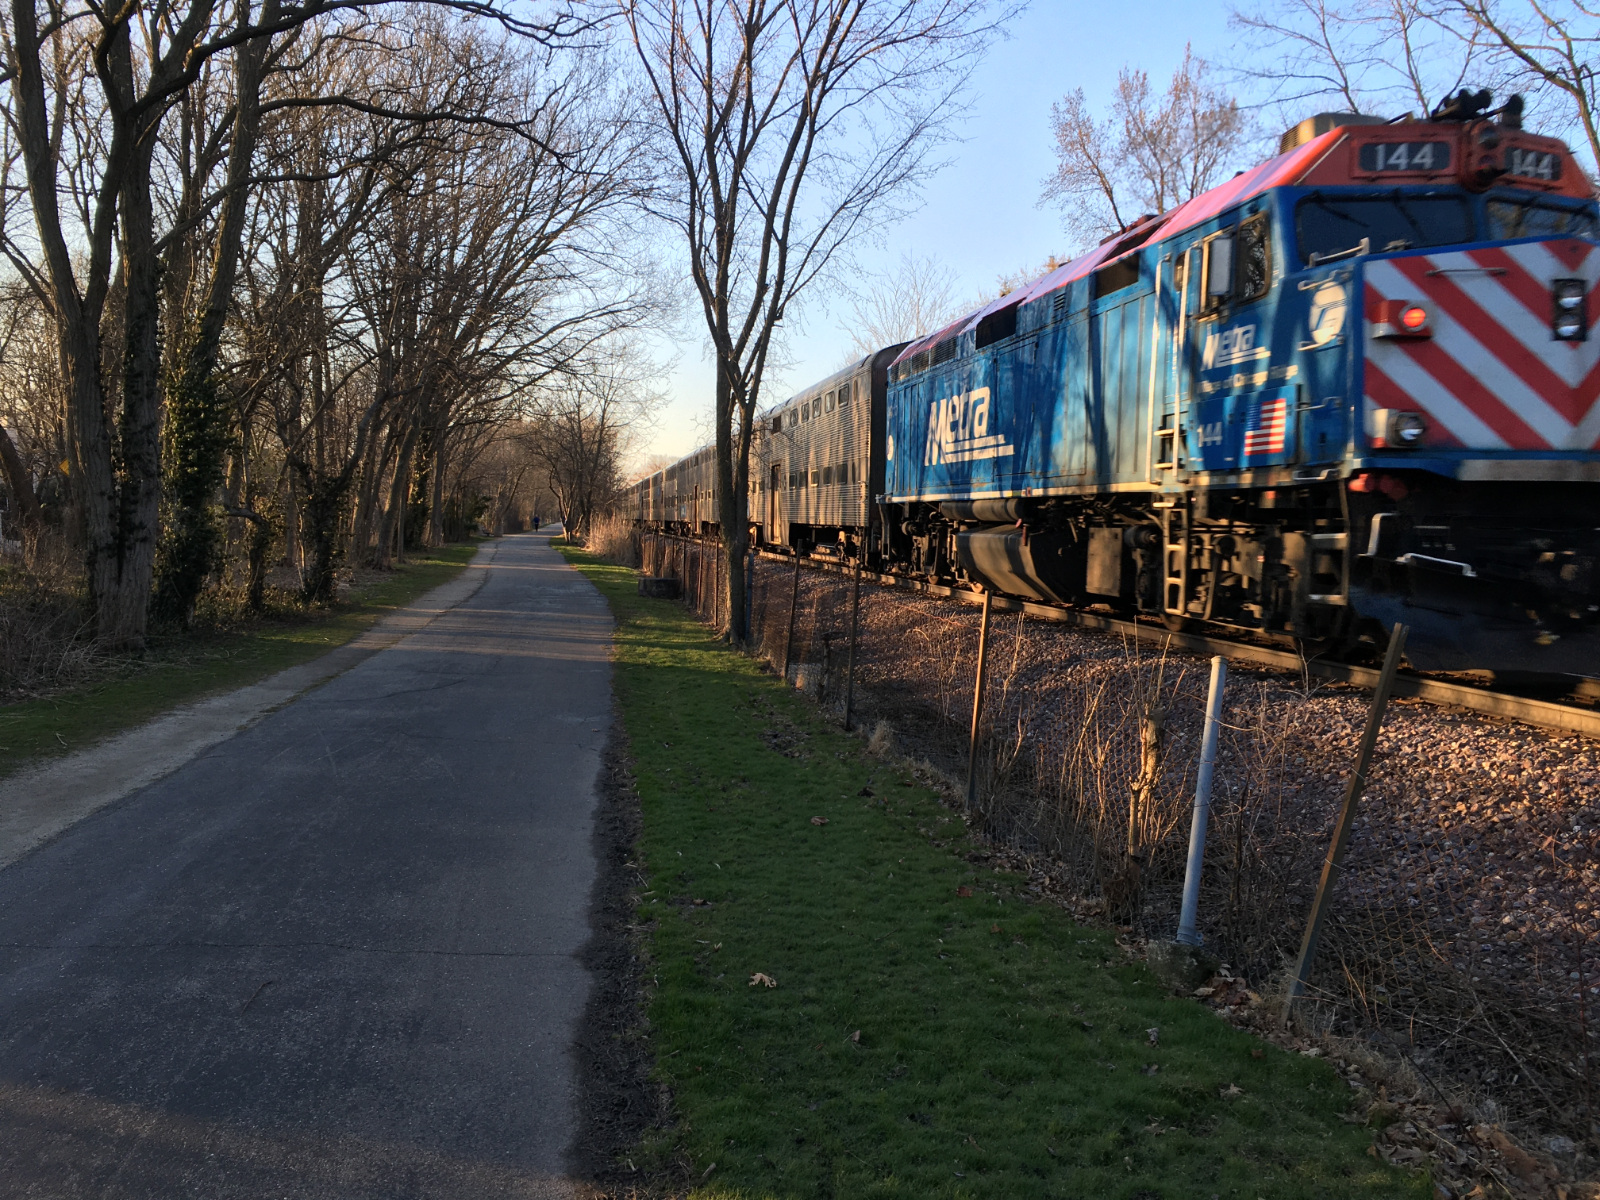 Train Not Taken during Pandemic